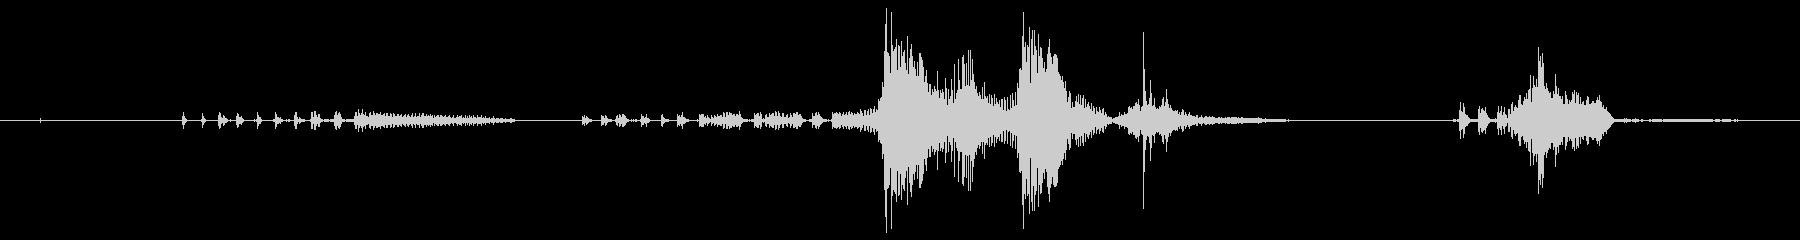 犬 チワワグロールバーク01の未再生の波形